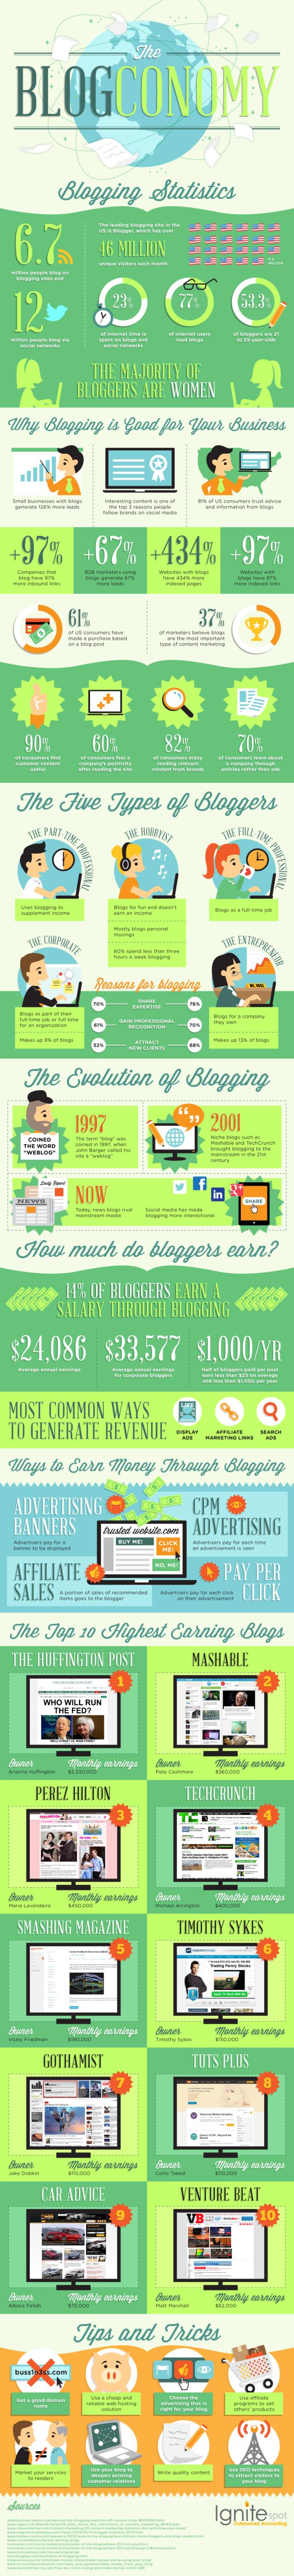 Blog Economy